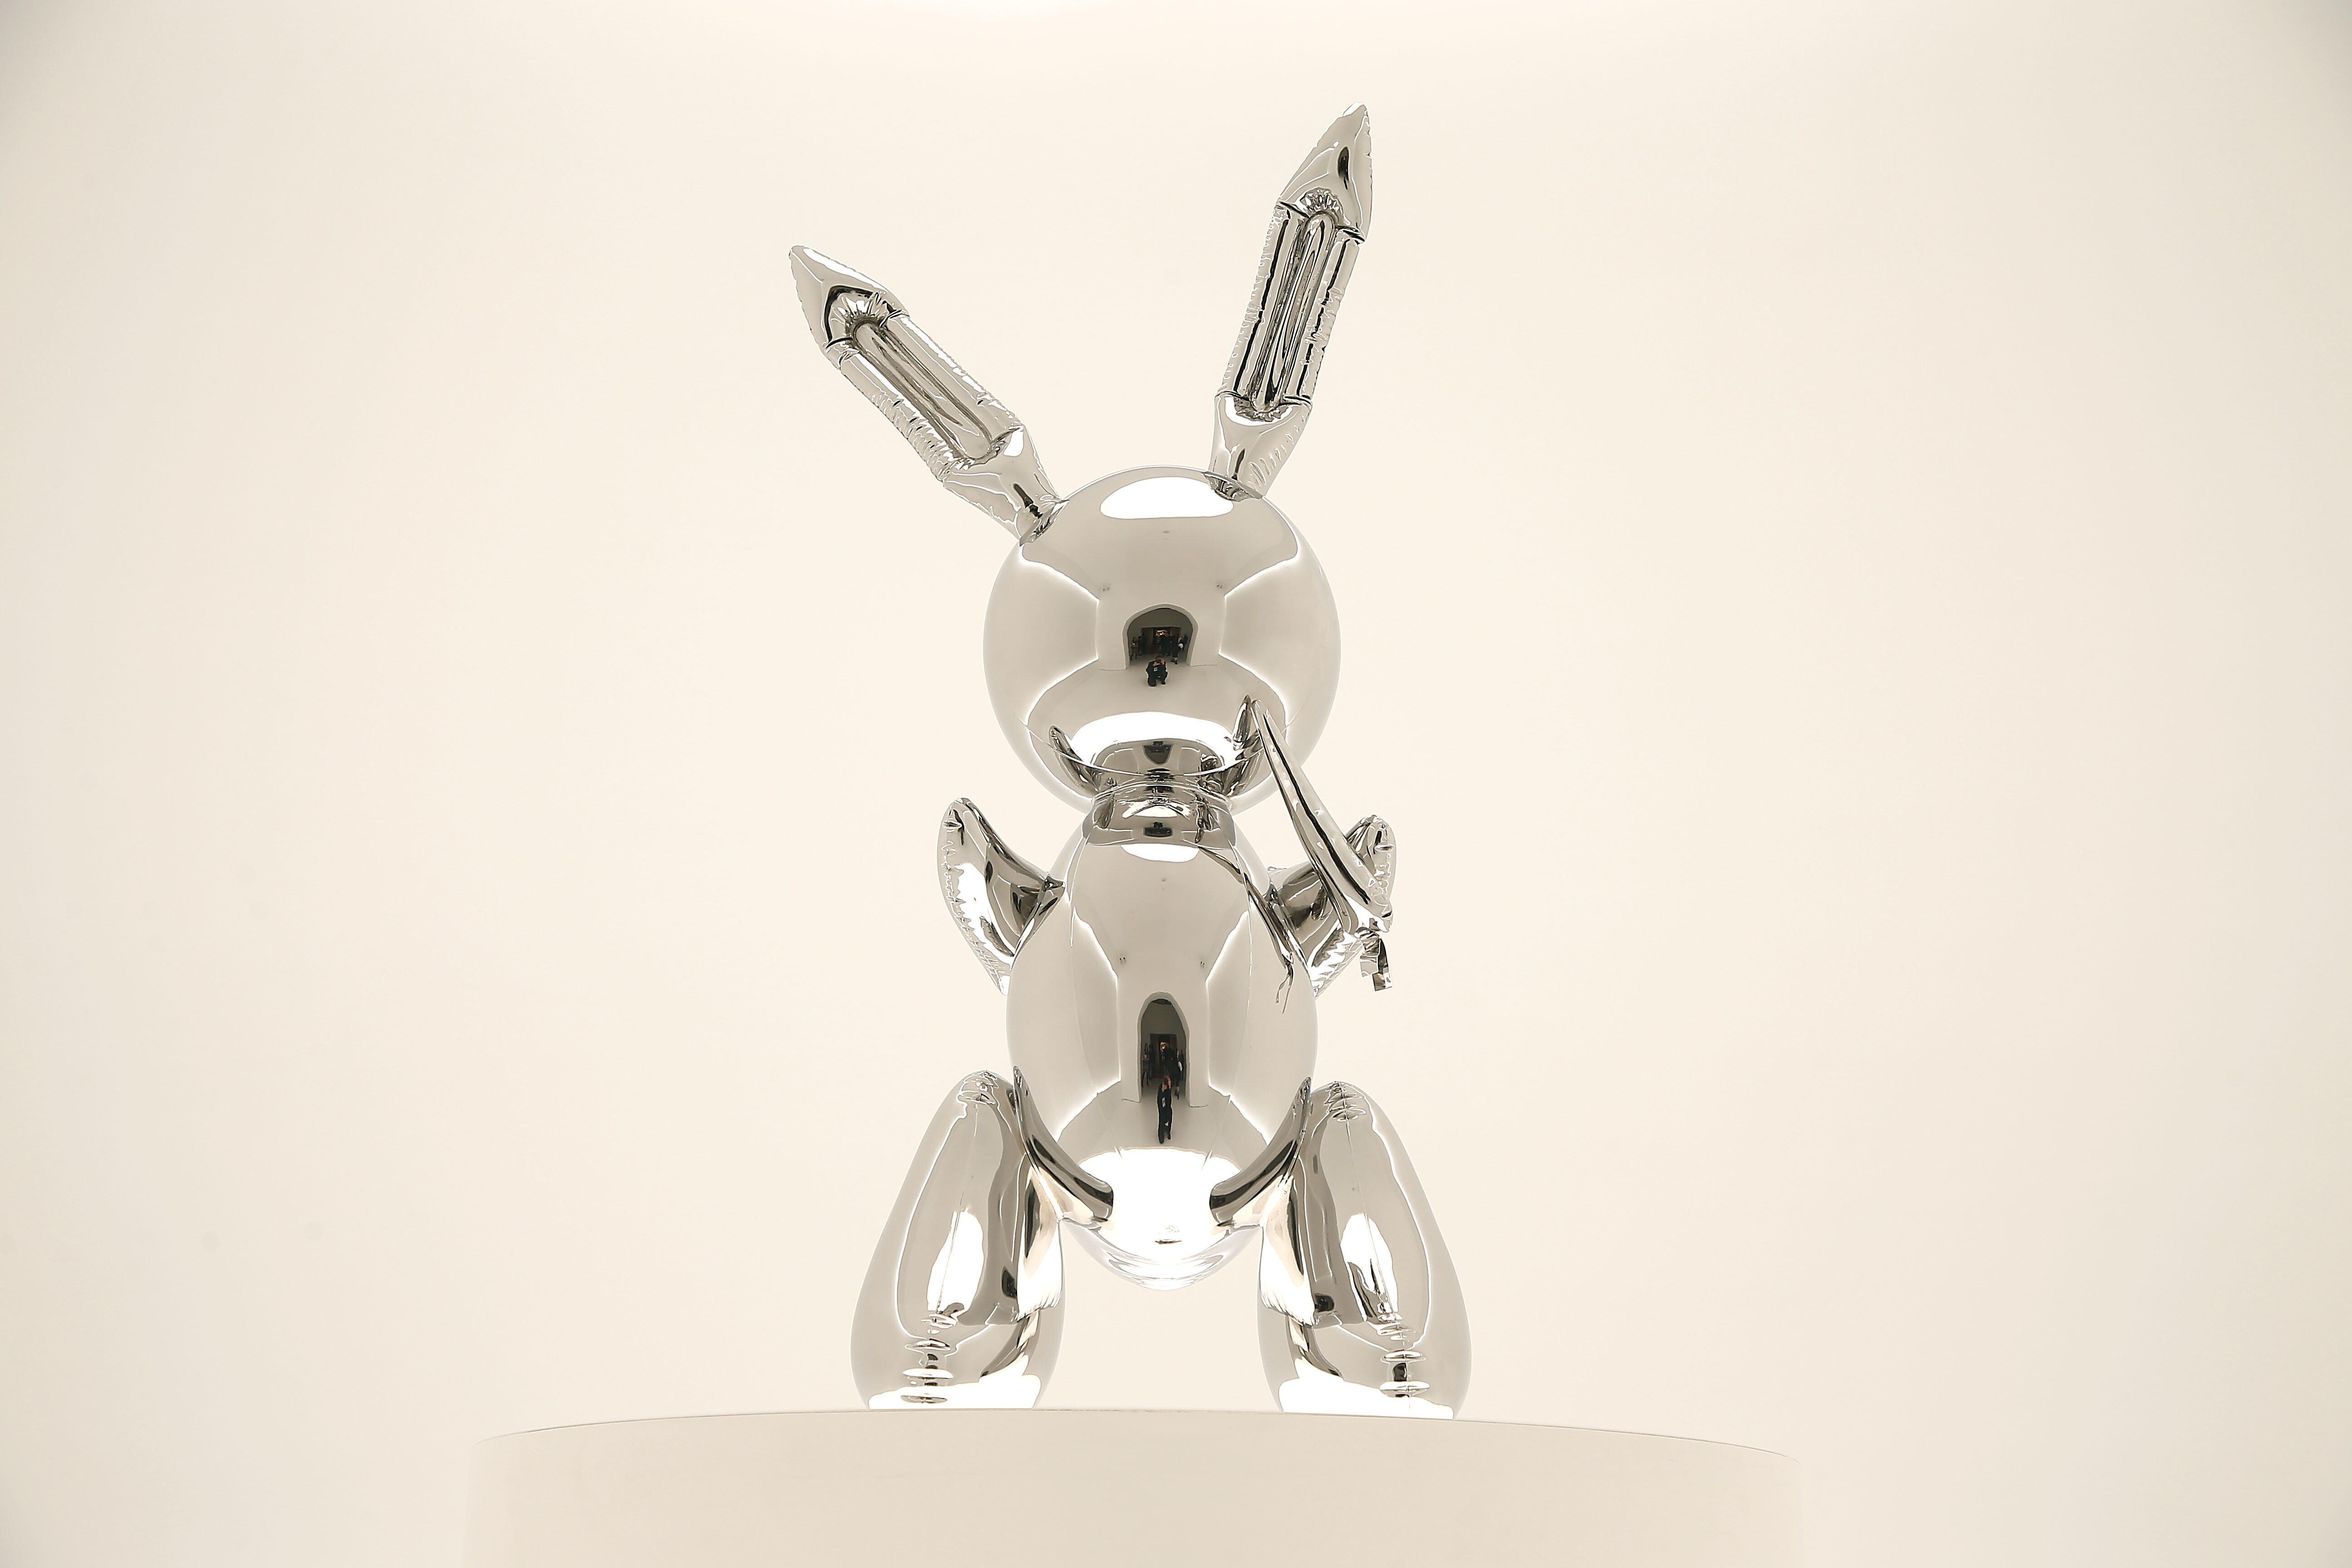 ステンレス製のウサギの彫刻、100億円で落札される。存命の作家作品で世界最高額